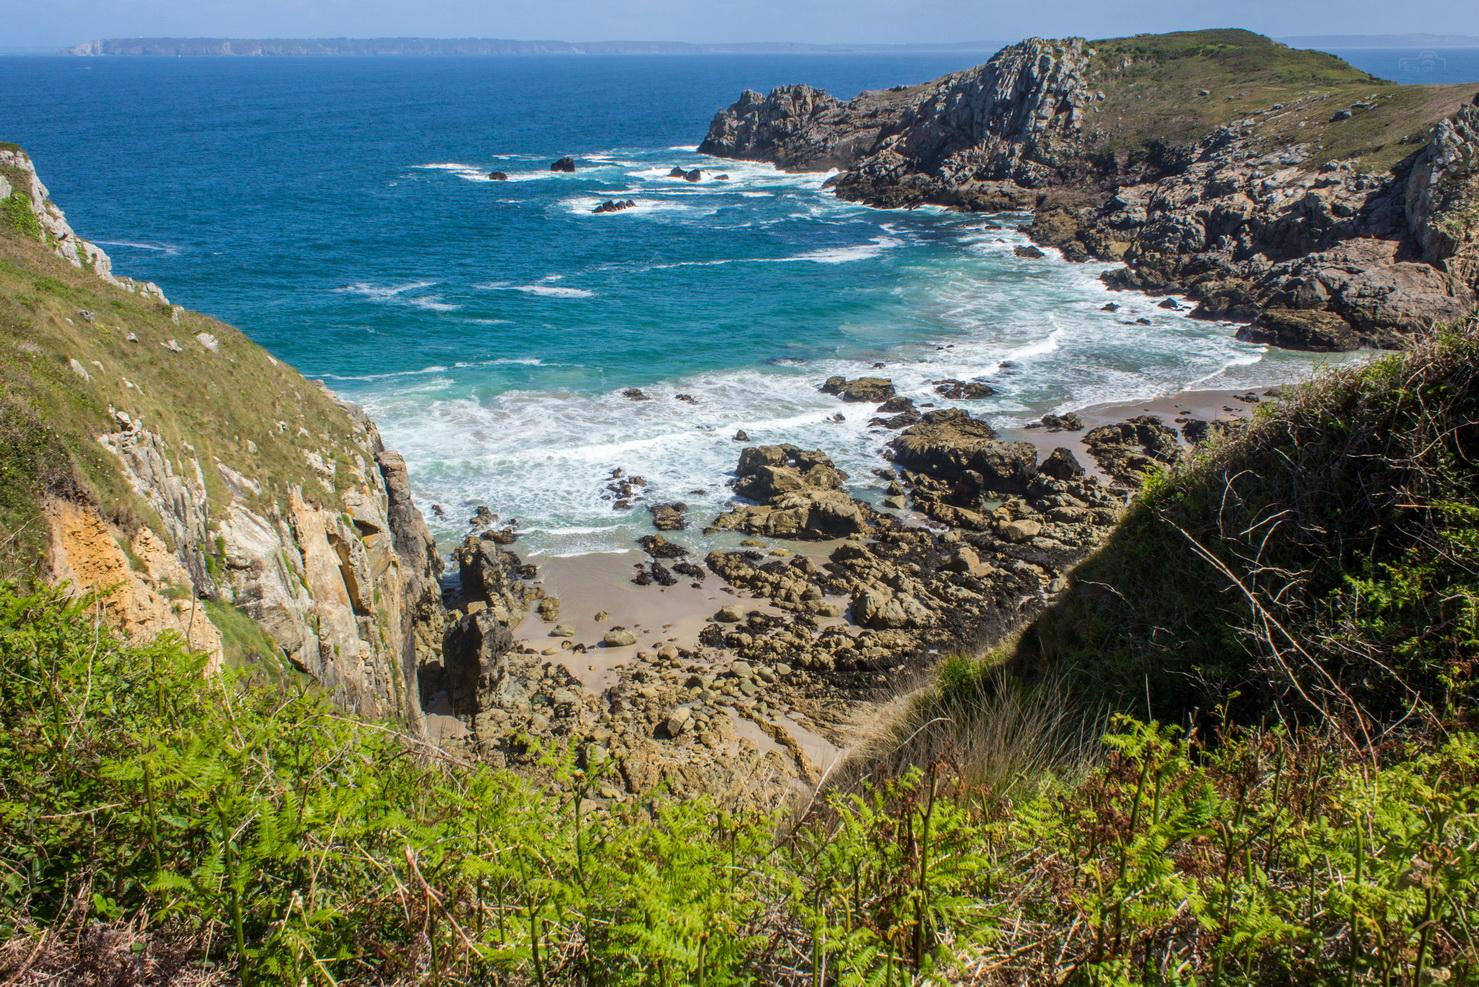 Steilküste von Cap-Sizun in der Bretagne